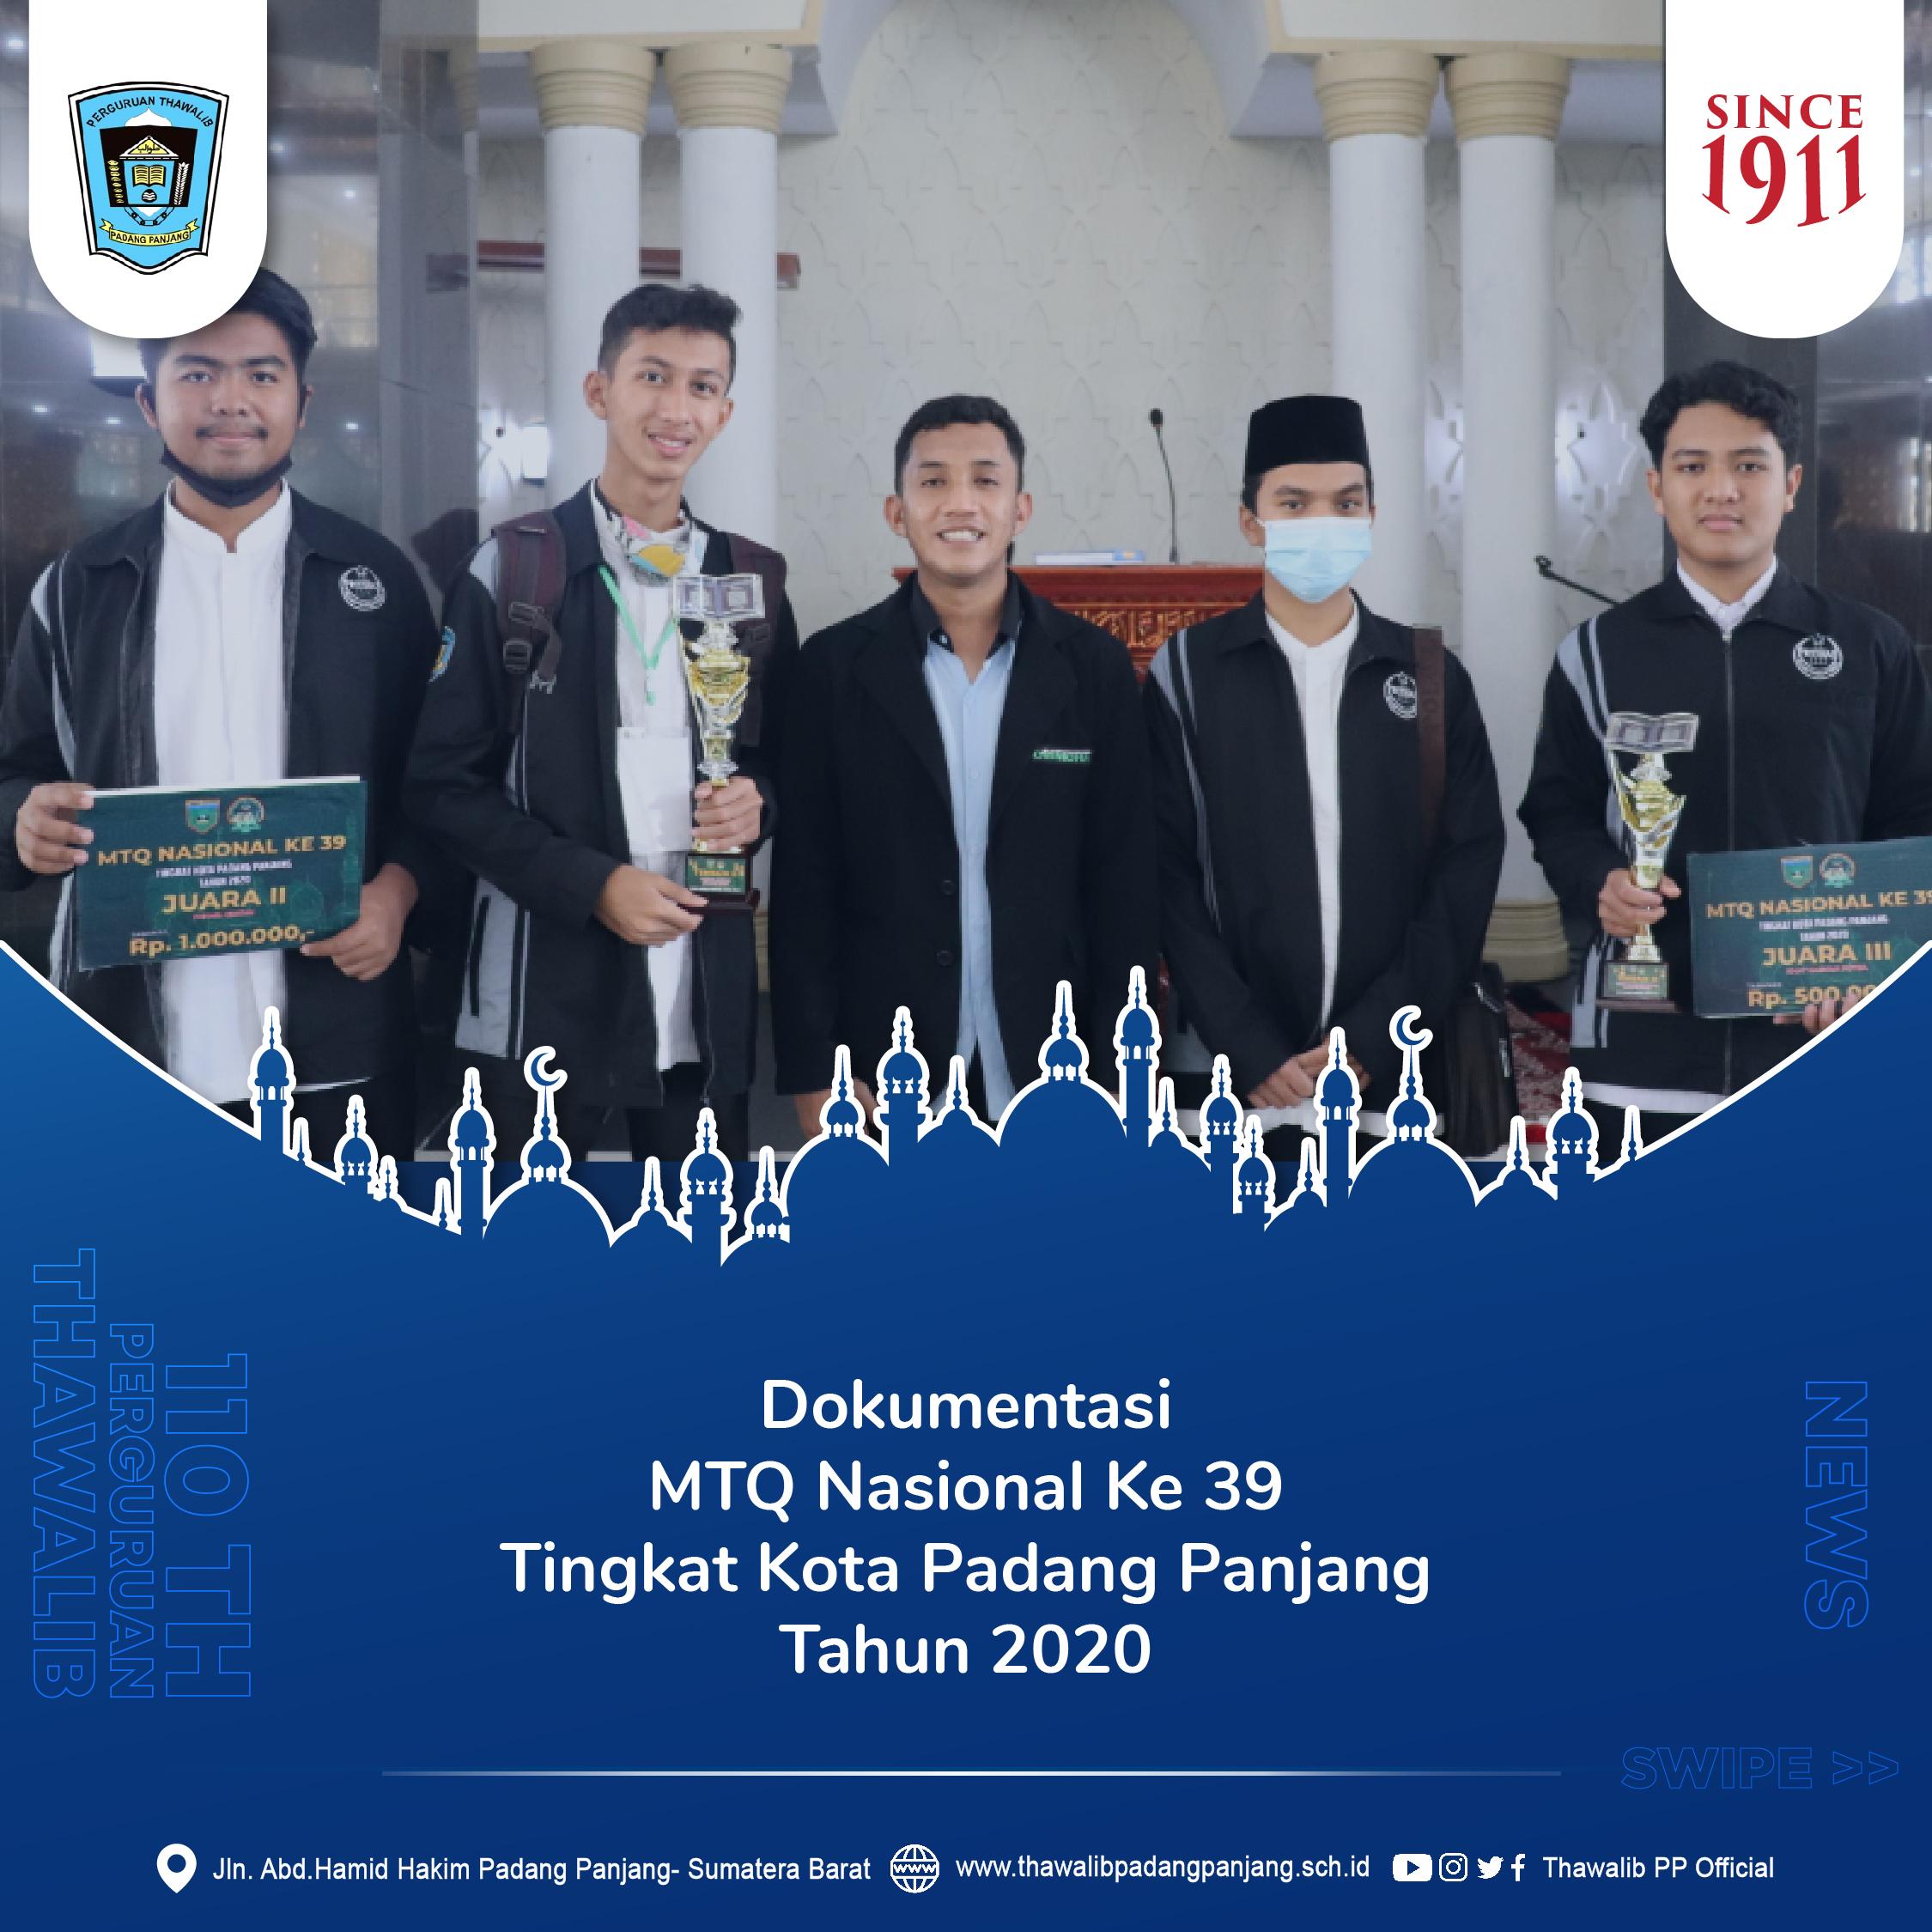 Dokumentasi MTQ Nasional Ke 39 Tingkat Kota Padang Panjang Tahun 2020